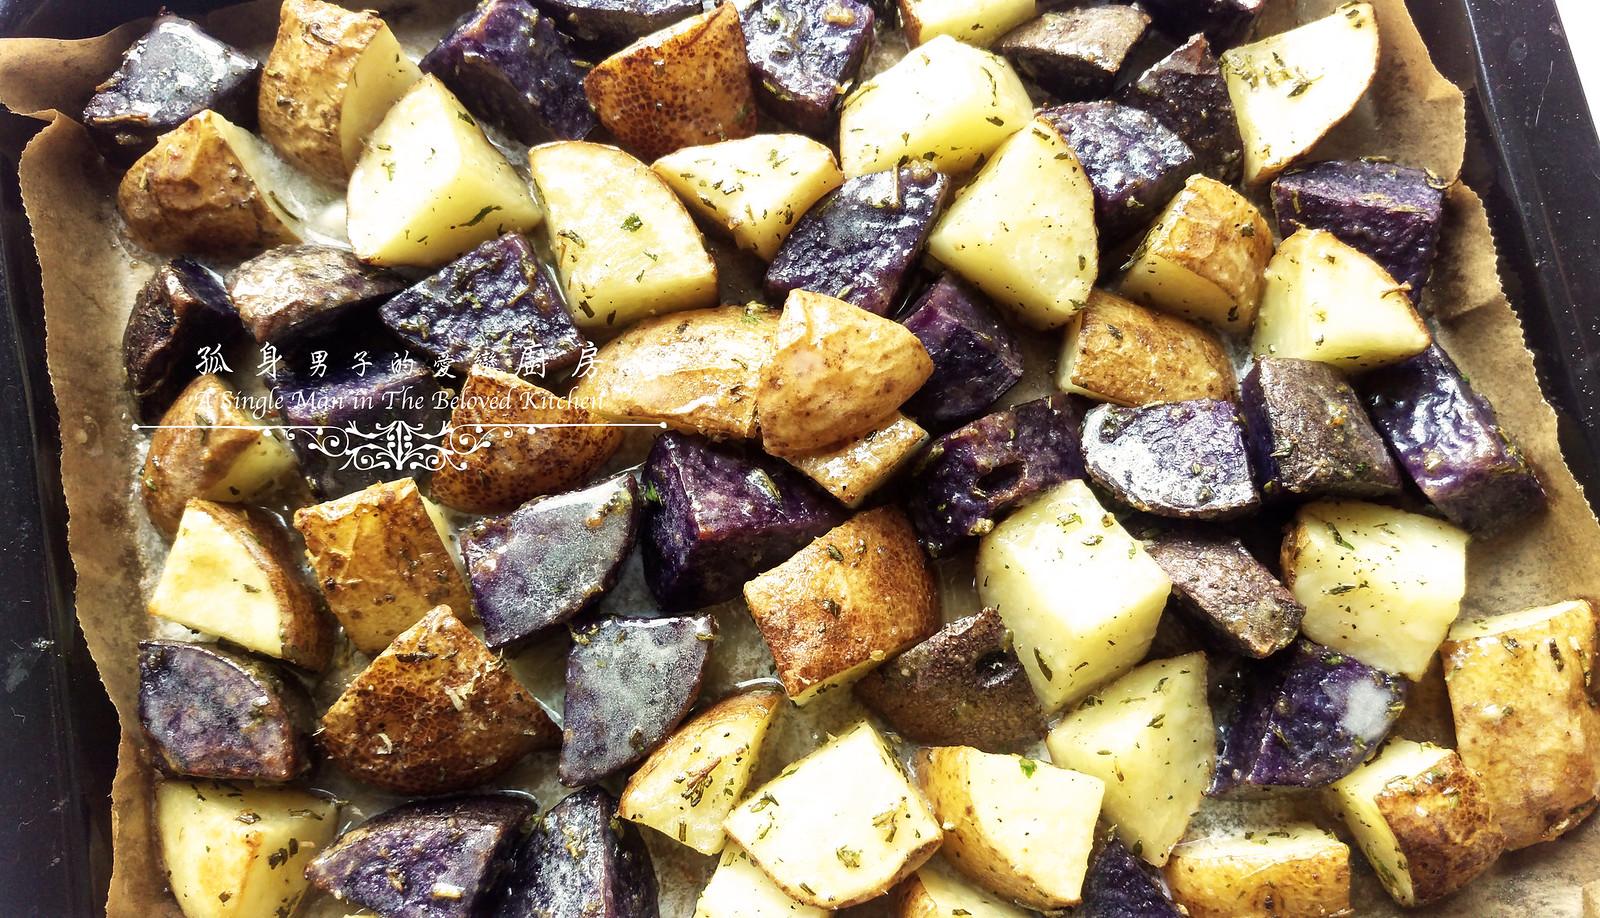 孤身廚房-香草烤雙色馬鈴薯──好吃又簡單的烤箱料理11